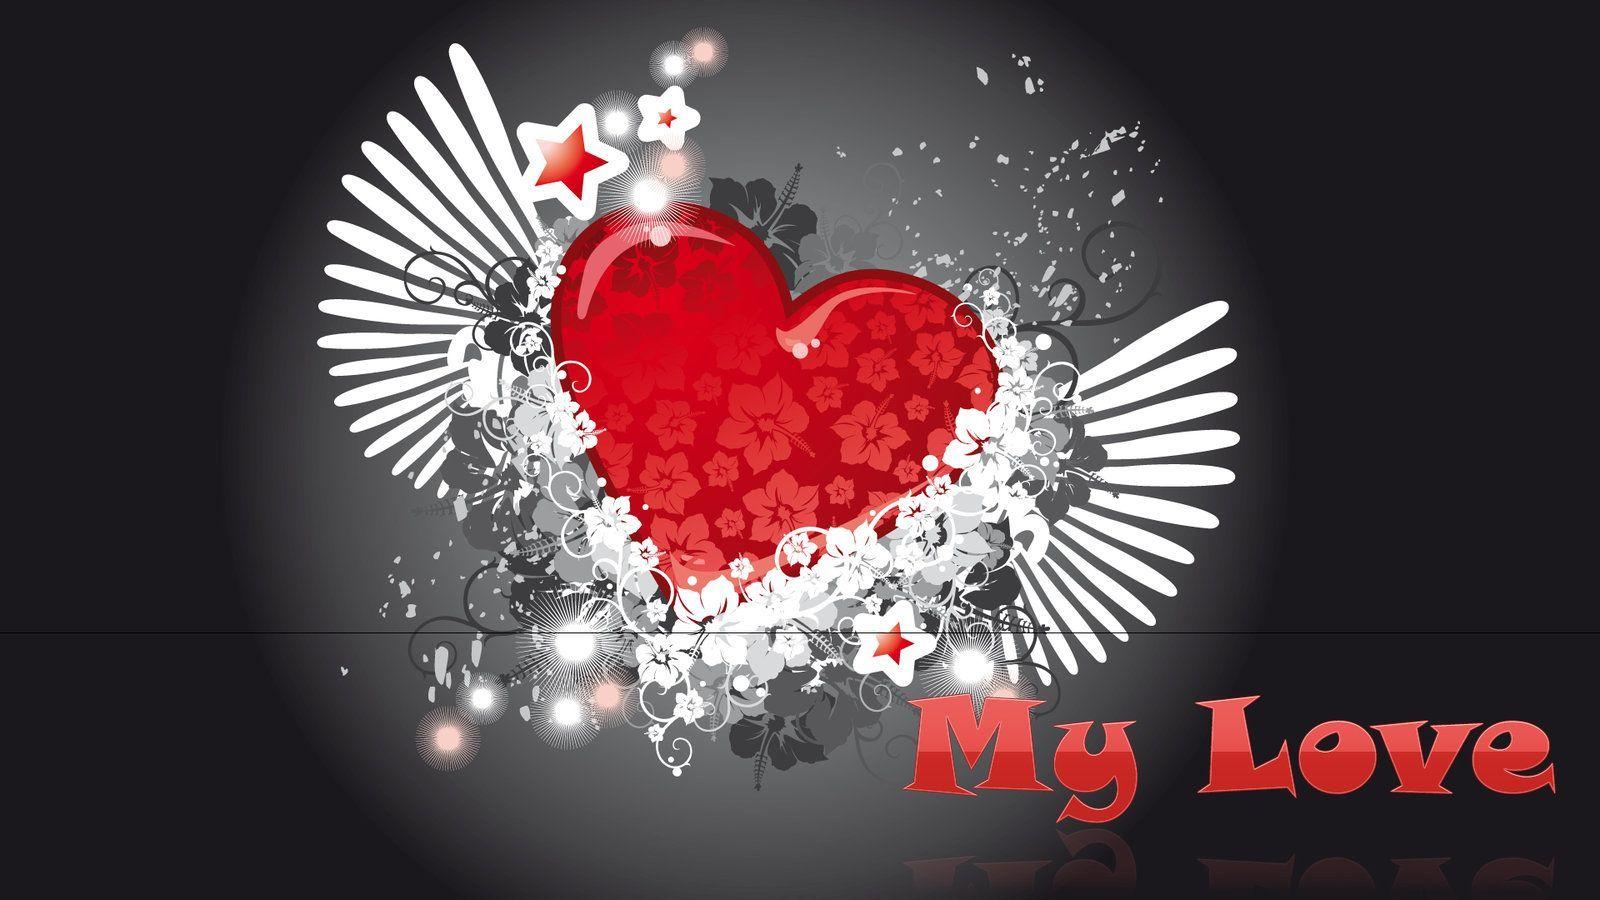 بالصور صور عن حبيبي , احلى كلامات الحب والرومانسيه 5224 5